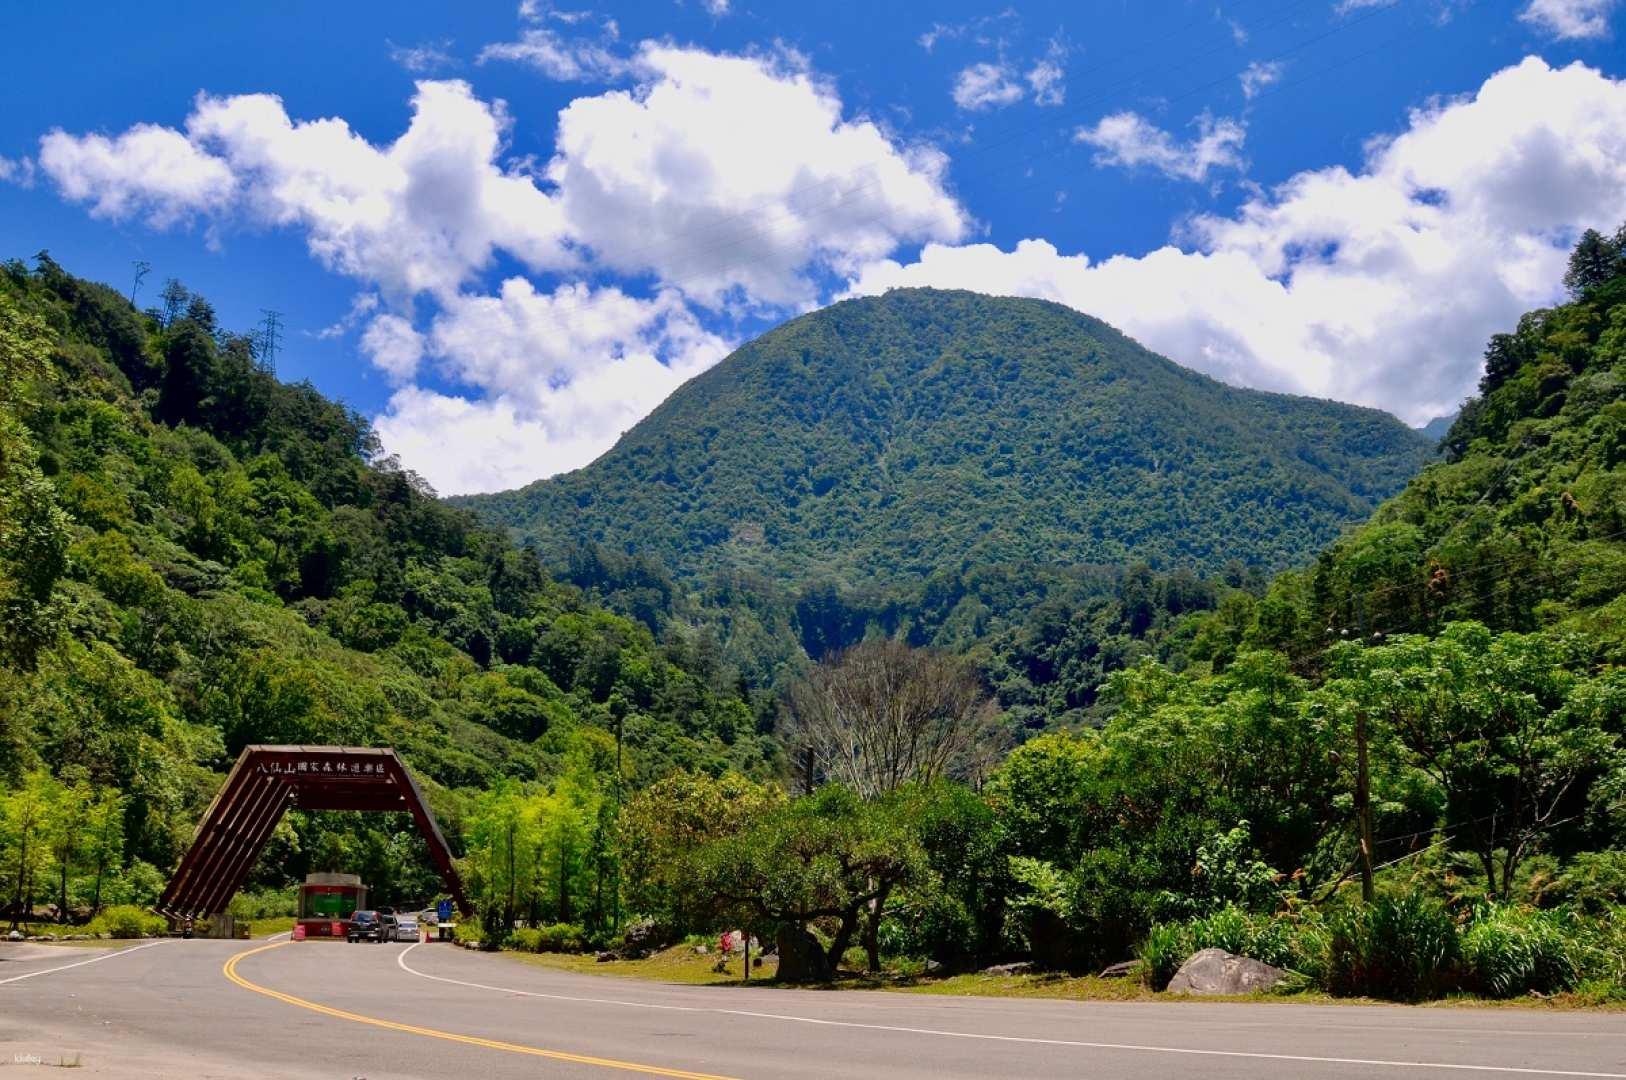 台中-八仙山國家森林遊樂區門票| 平假日均可使用